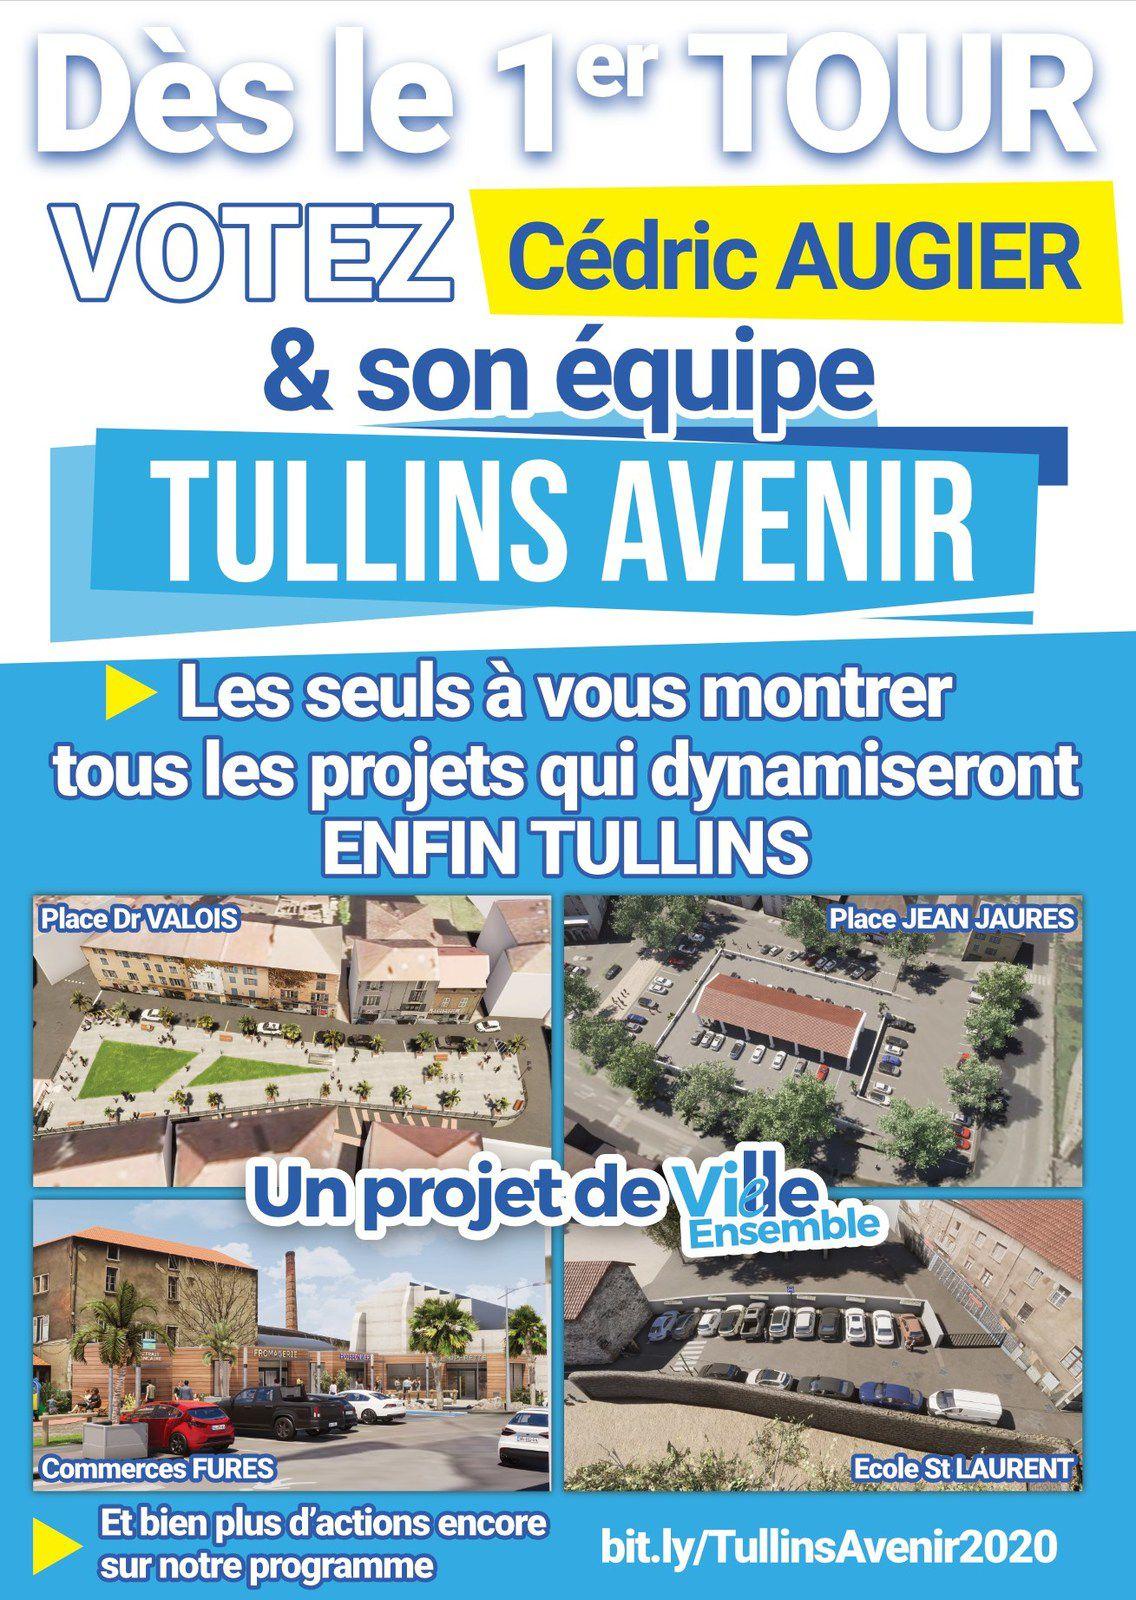 Votez pour des projets étudiés pour redynamiser notre commune